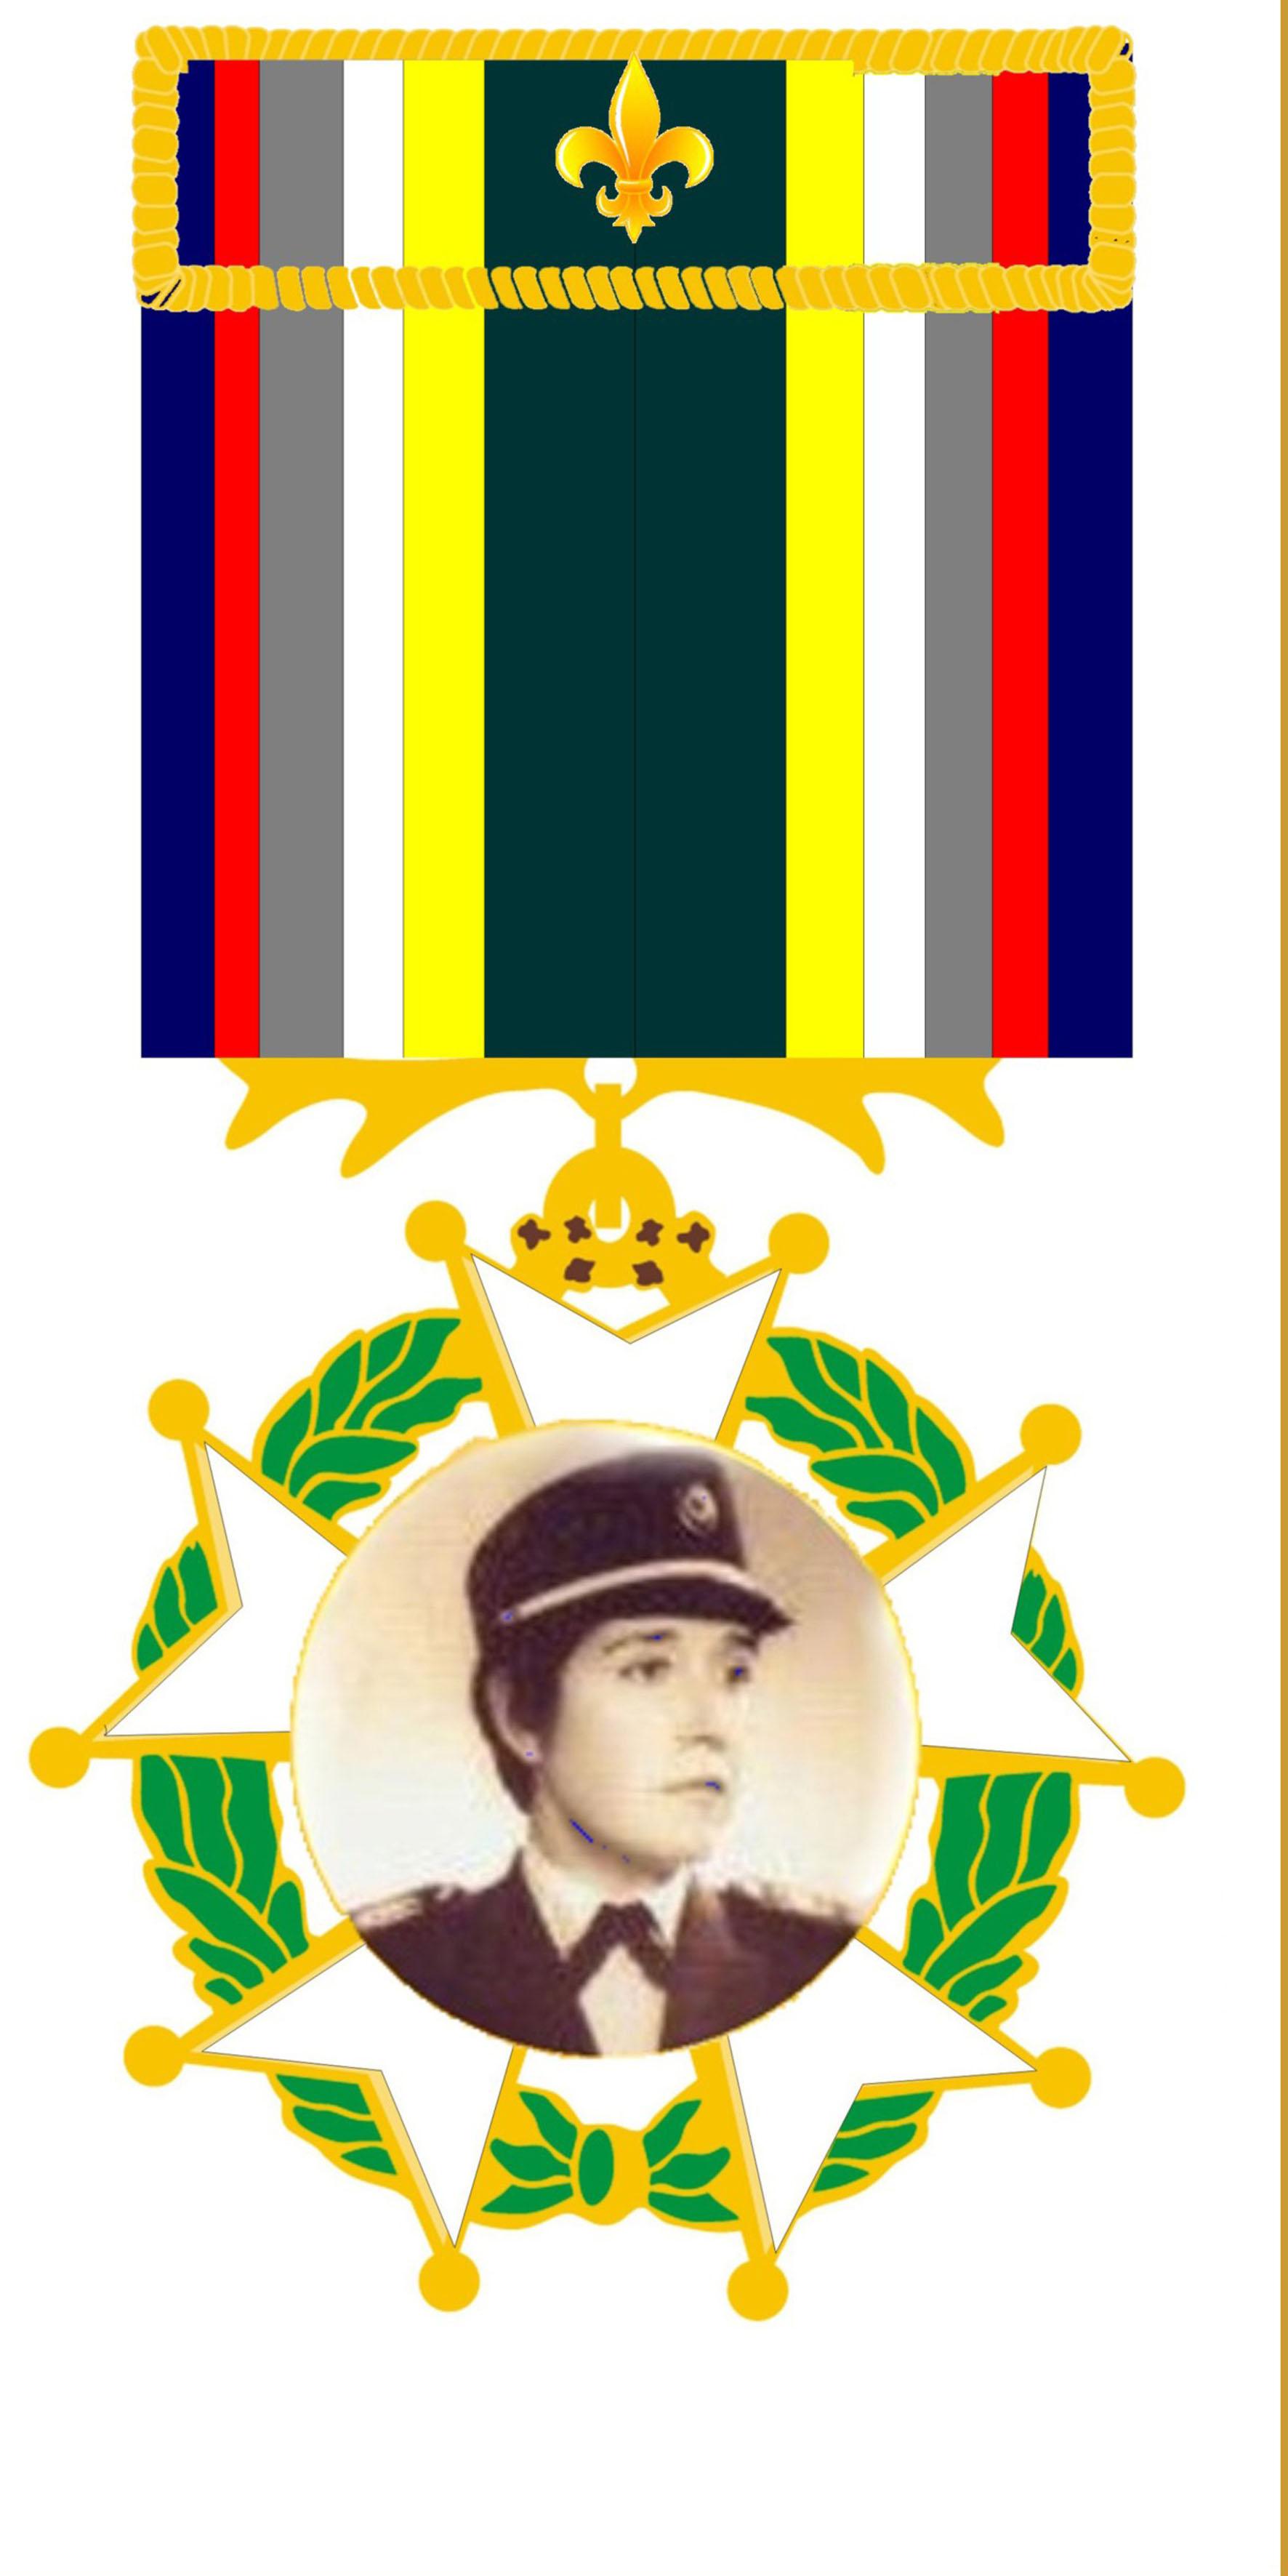 17 - Medalha da Ordem do Mérito Policial Feminino - Cel Hilda Macedo